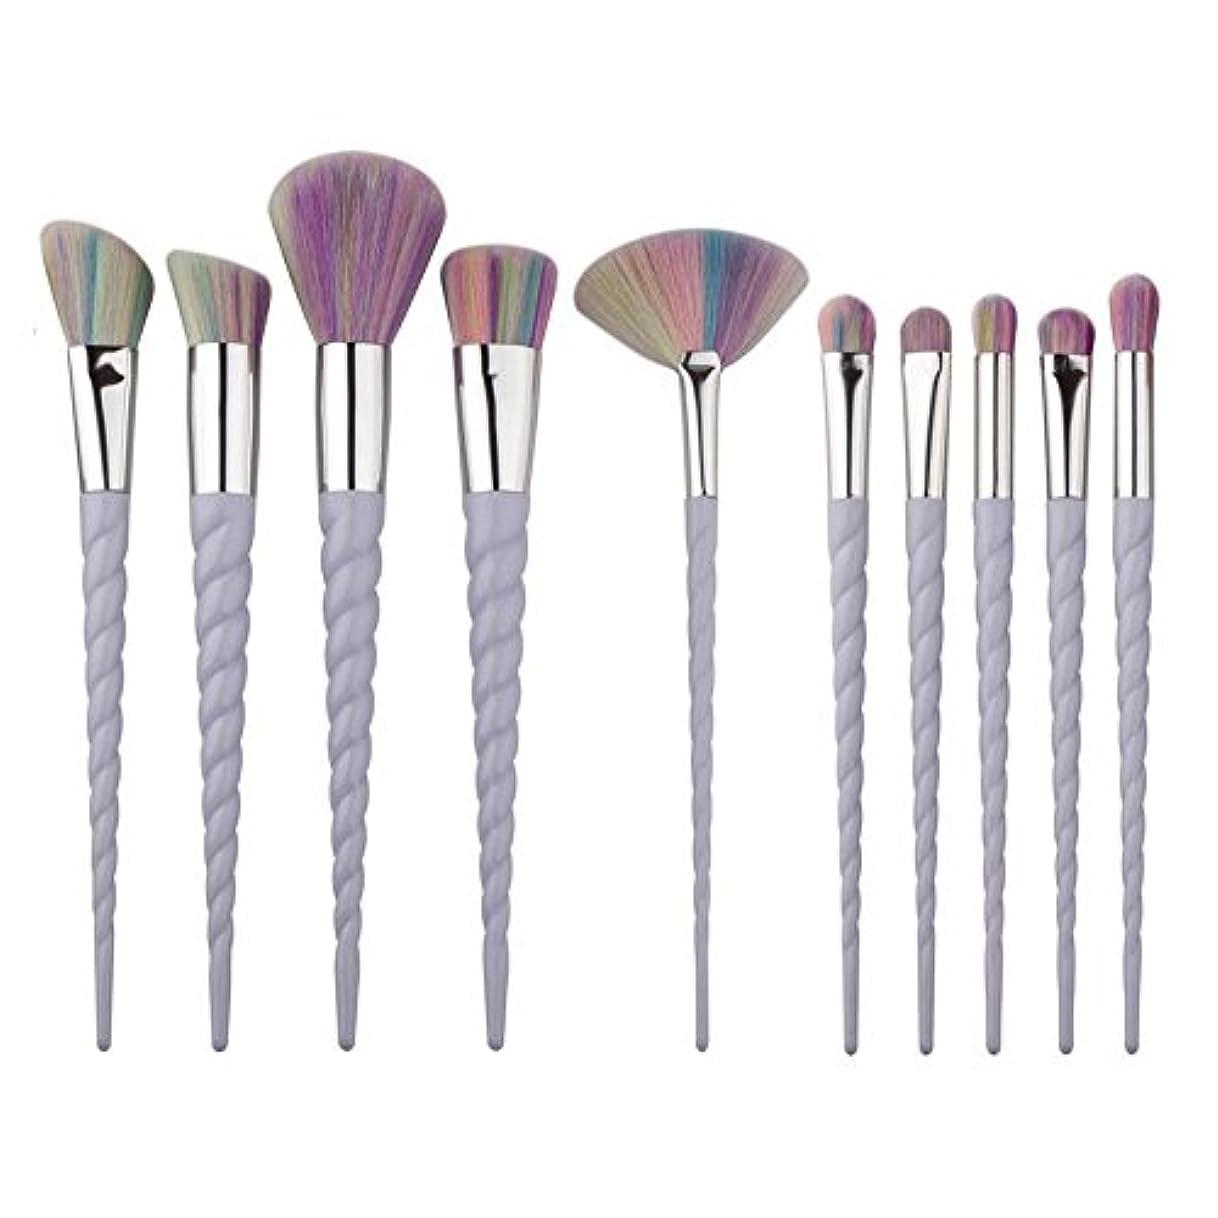 遅いペンスパリティDilla Beauty 10本セットユニコーンデザインプラスチックハンドル形状メイクブラシセット合成毛ファンデーションブラシアイシャドーブラッシャー美容ツール (ホワイト-1)